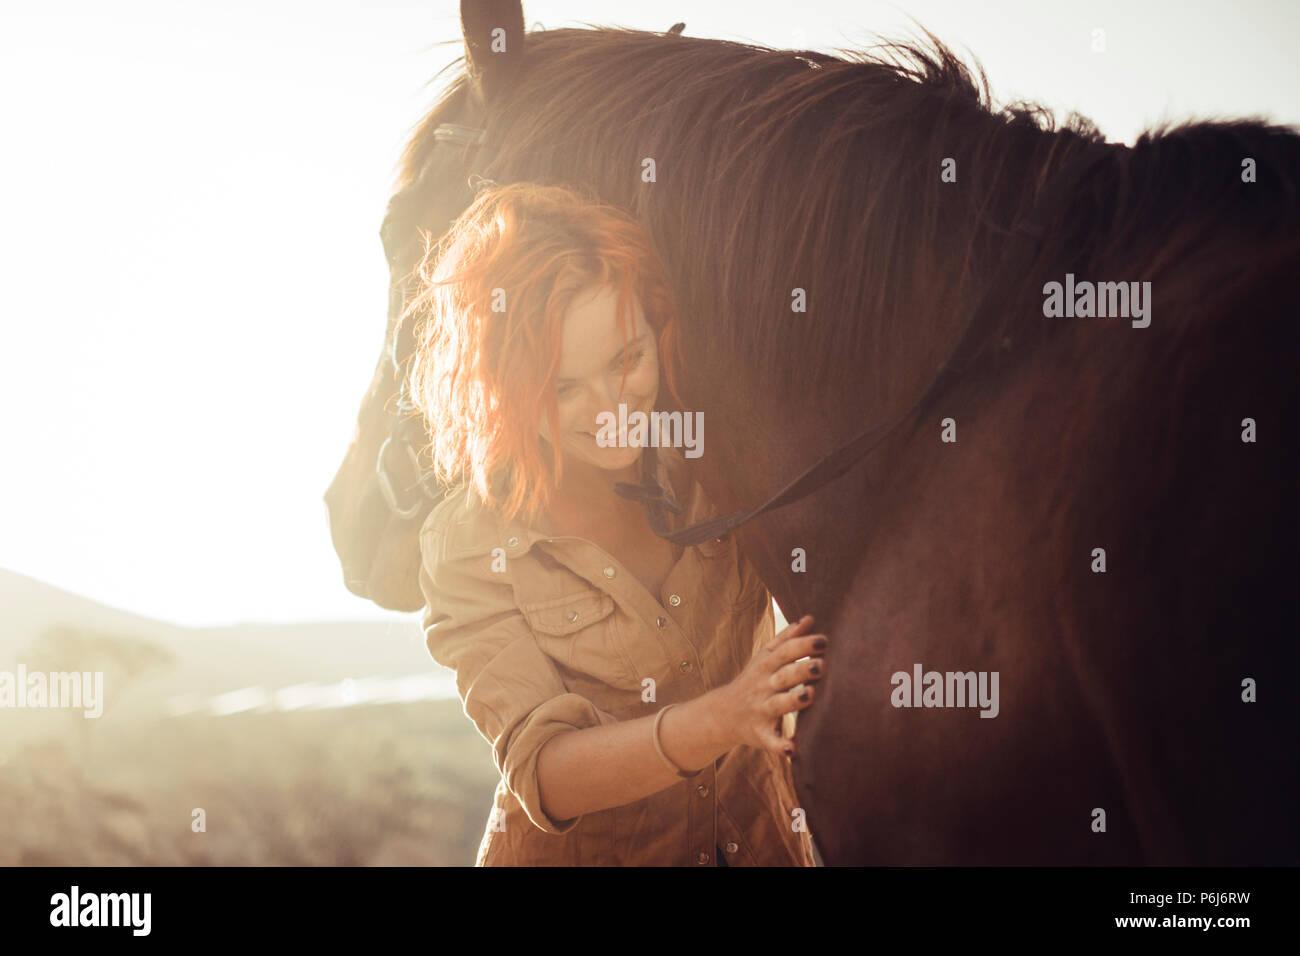 Le véritable amour et d'amitié entre nice concept belle dame de race blanche et incroyable cheval. l'heure du coucher du soleil et l'éclairage. Douceur et tendresse dans l' Photo Stock